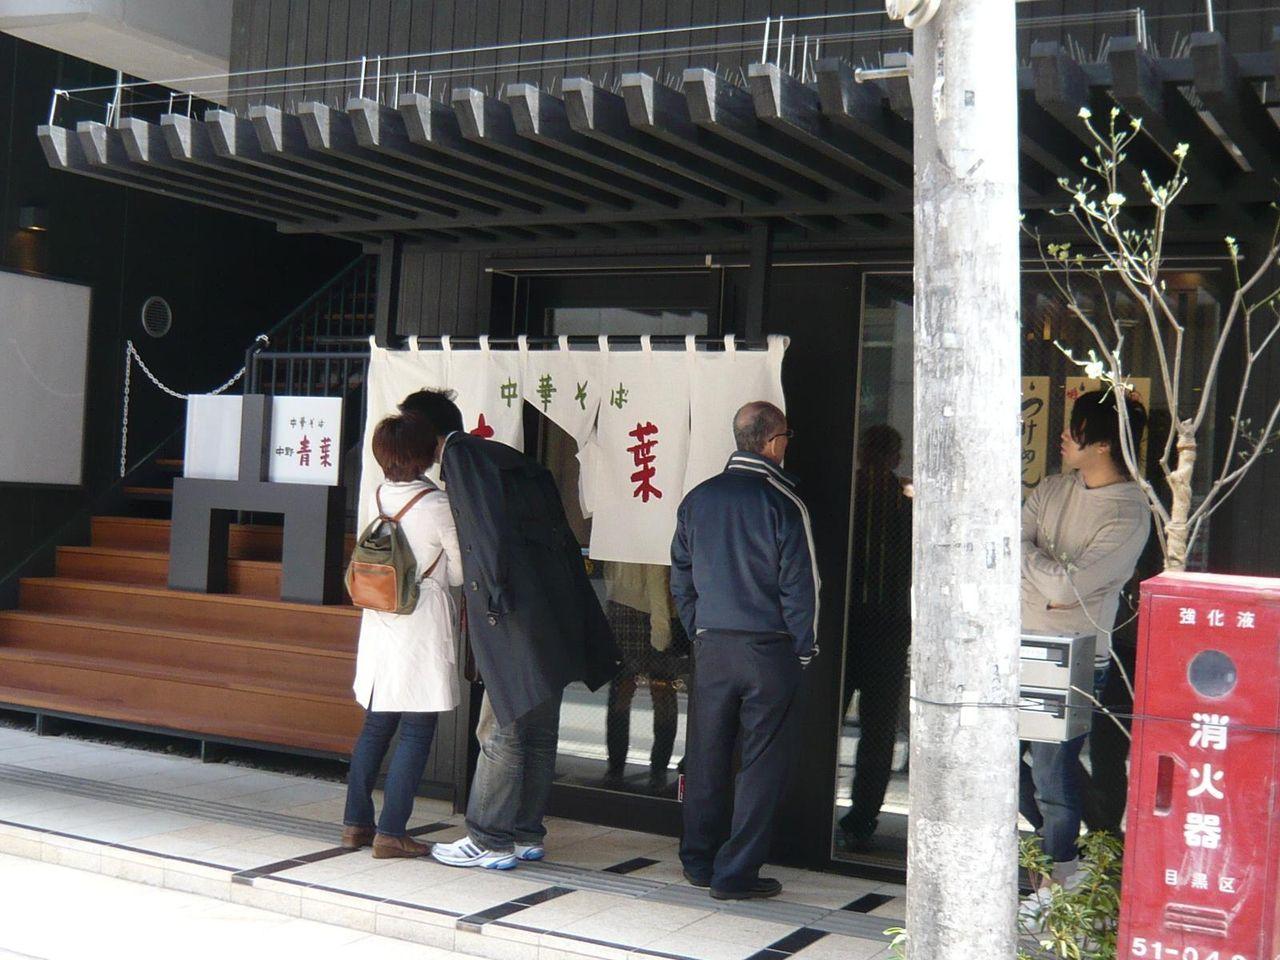 22年4月16日にオープンした、「青葉」学芸大学店